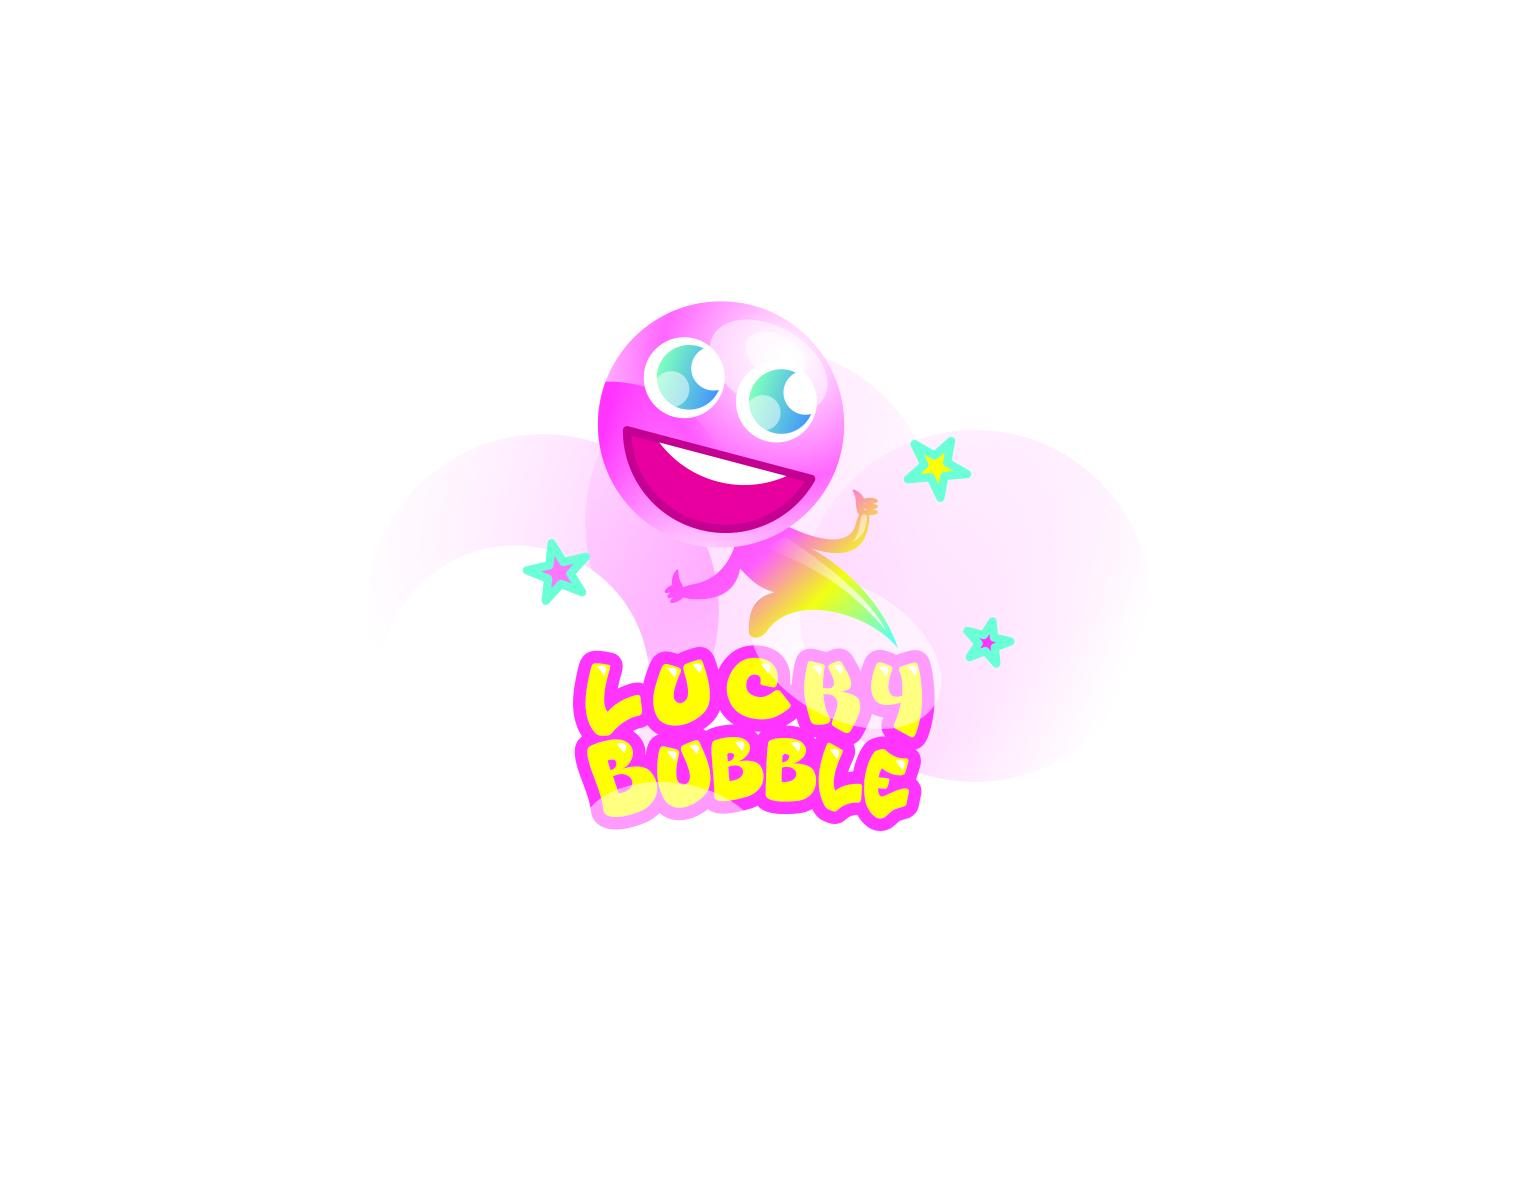 Разработка логотипа  фото f_6215fb96d8183968.jpg